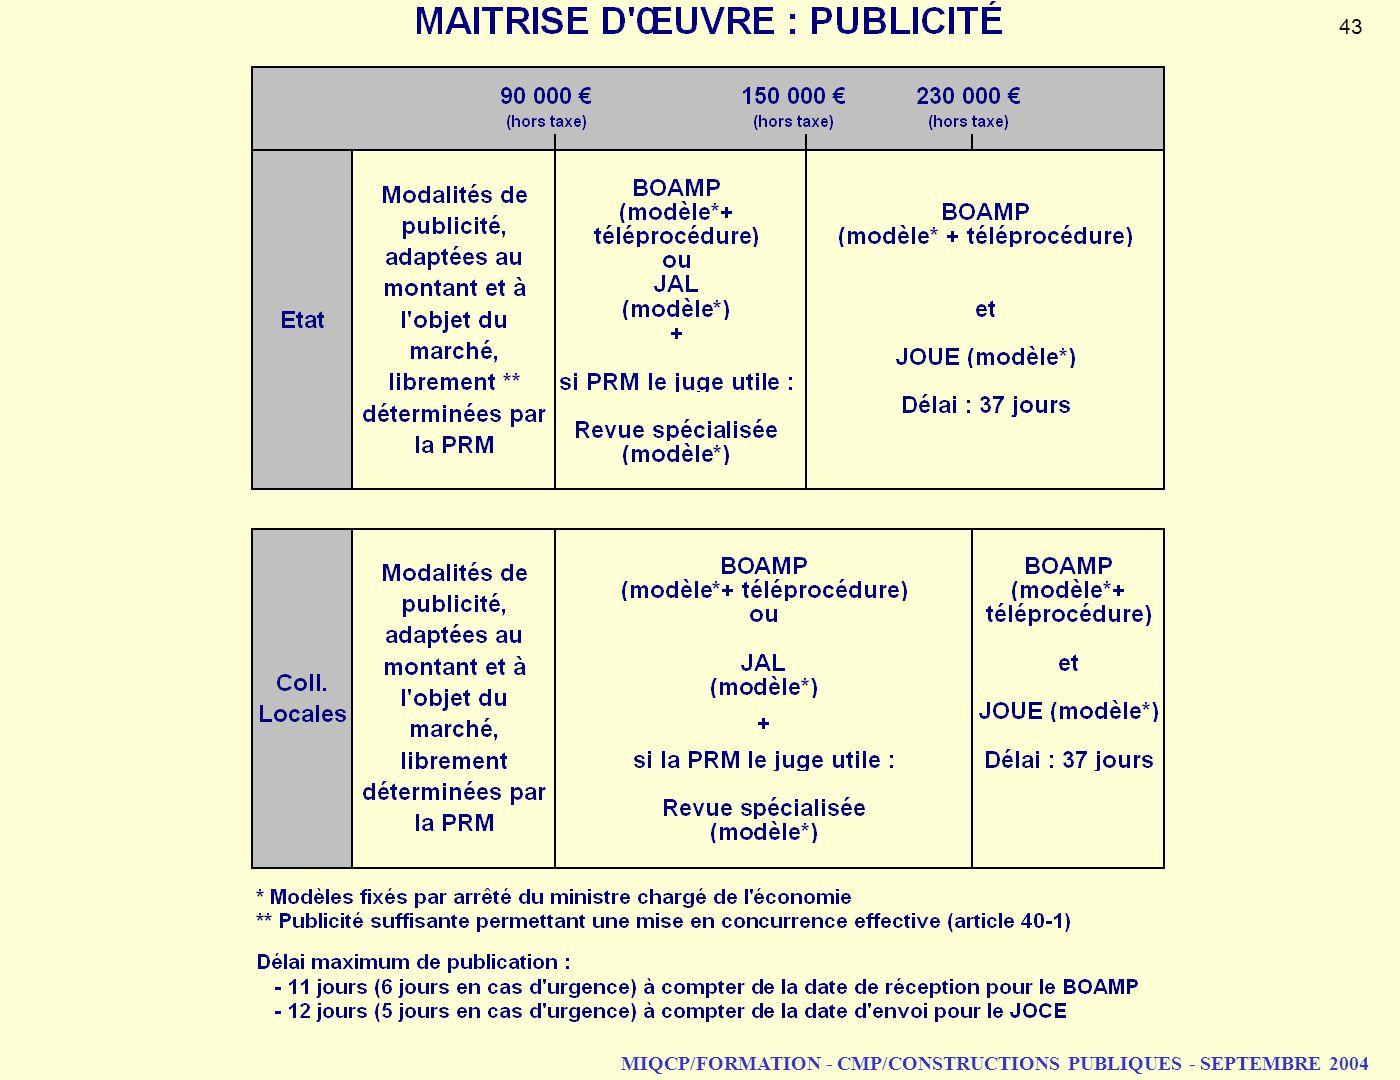 MIQCP/FORMATION - CMP/CONSTRUCTIONS PUBLIQUES - SEPTEMBRE 2004 43